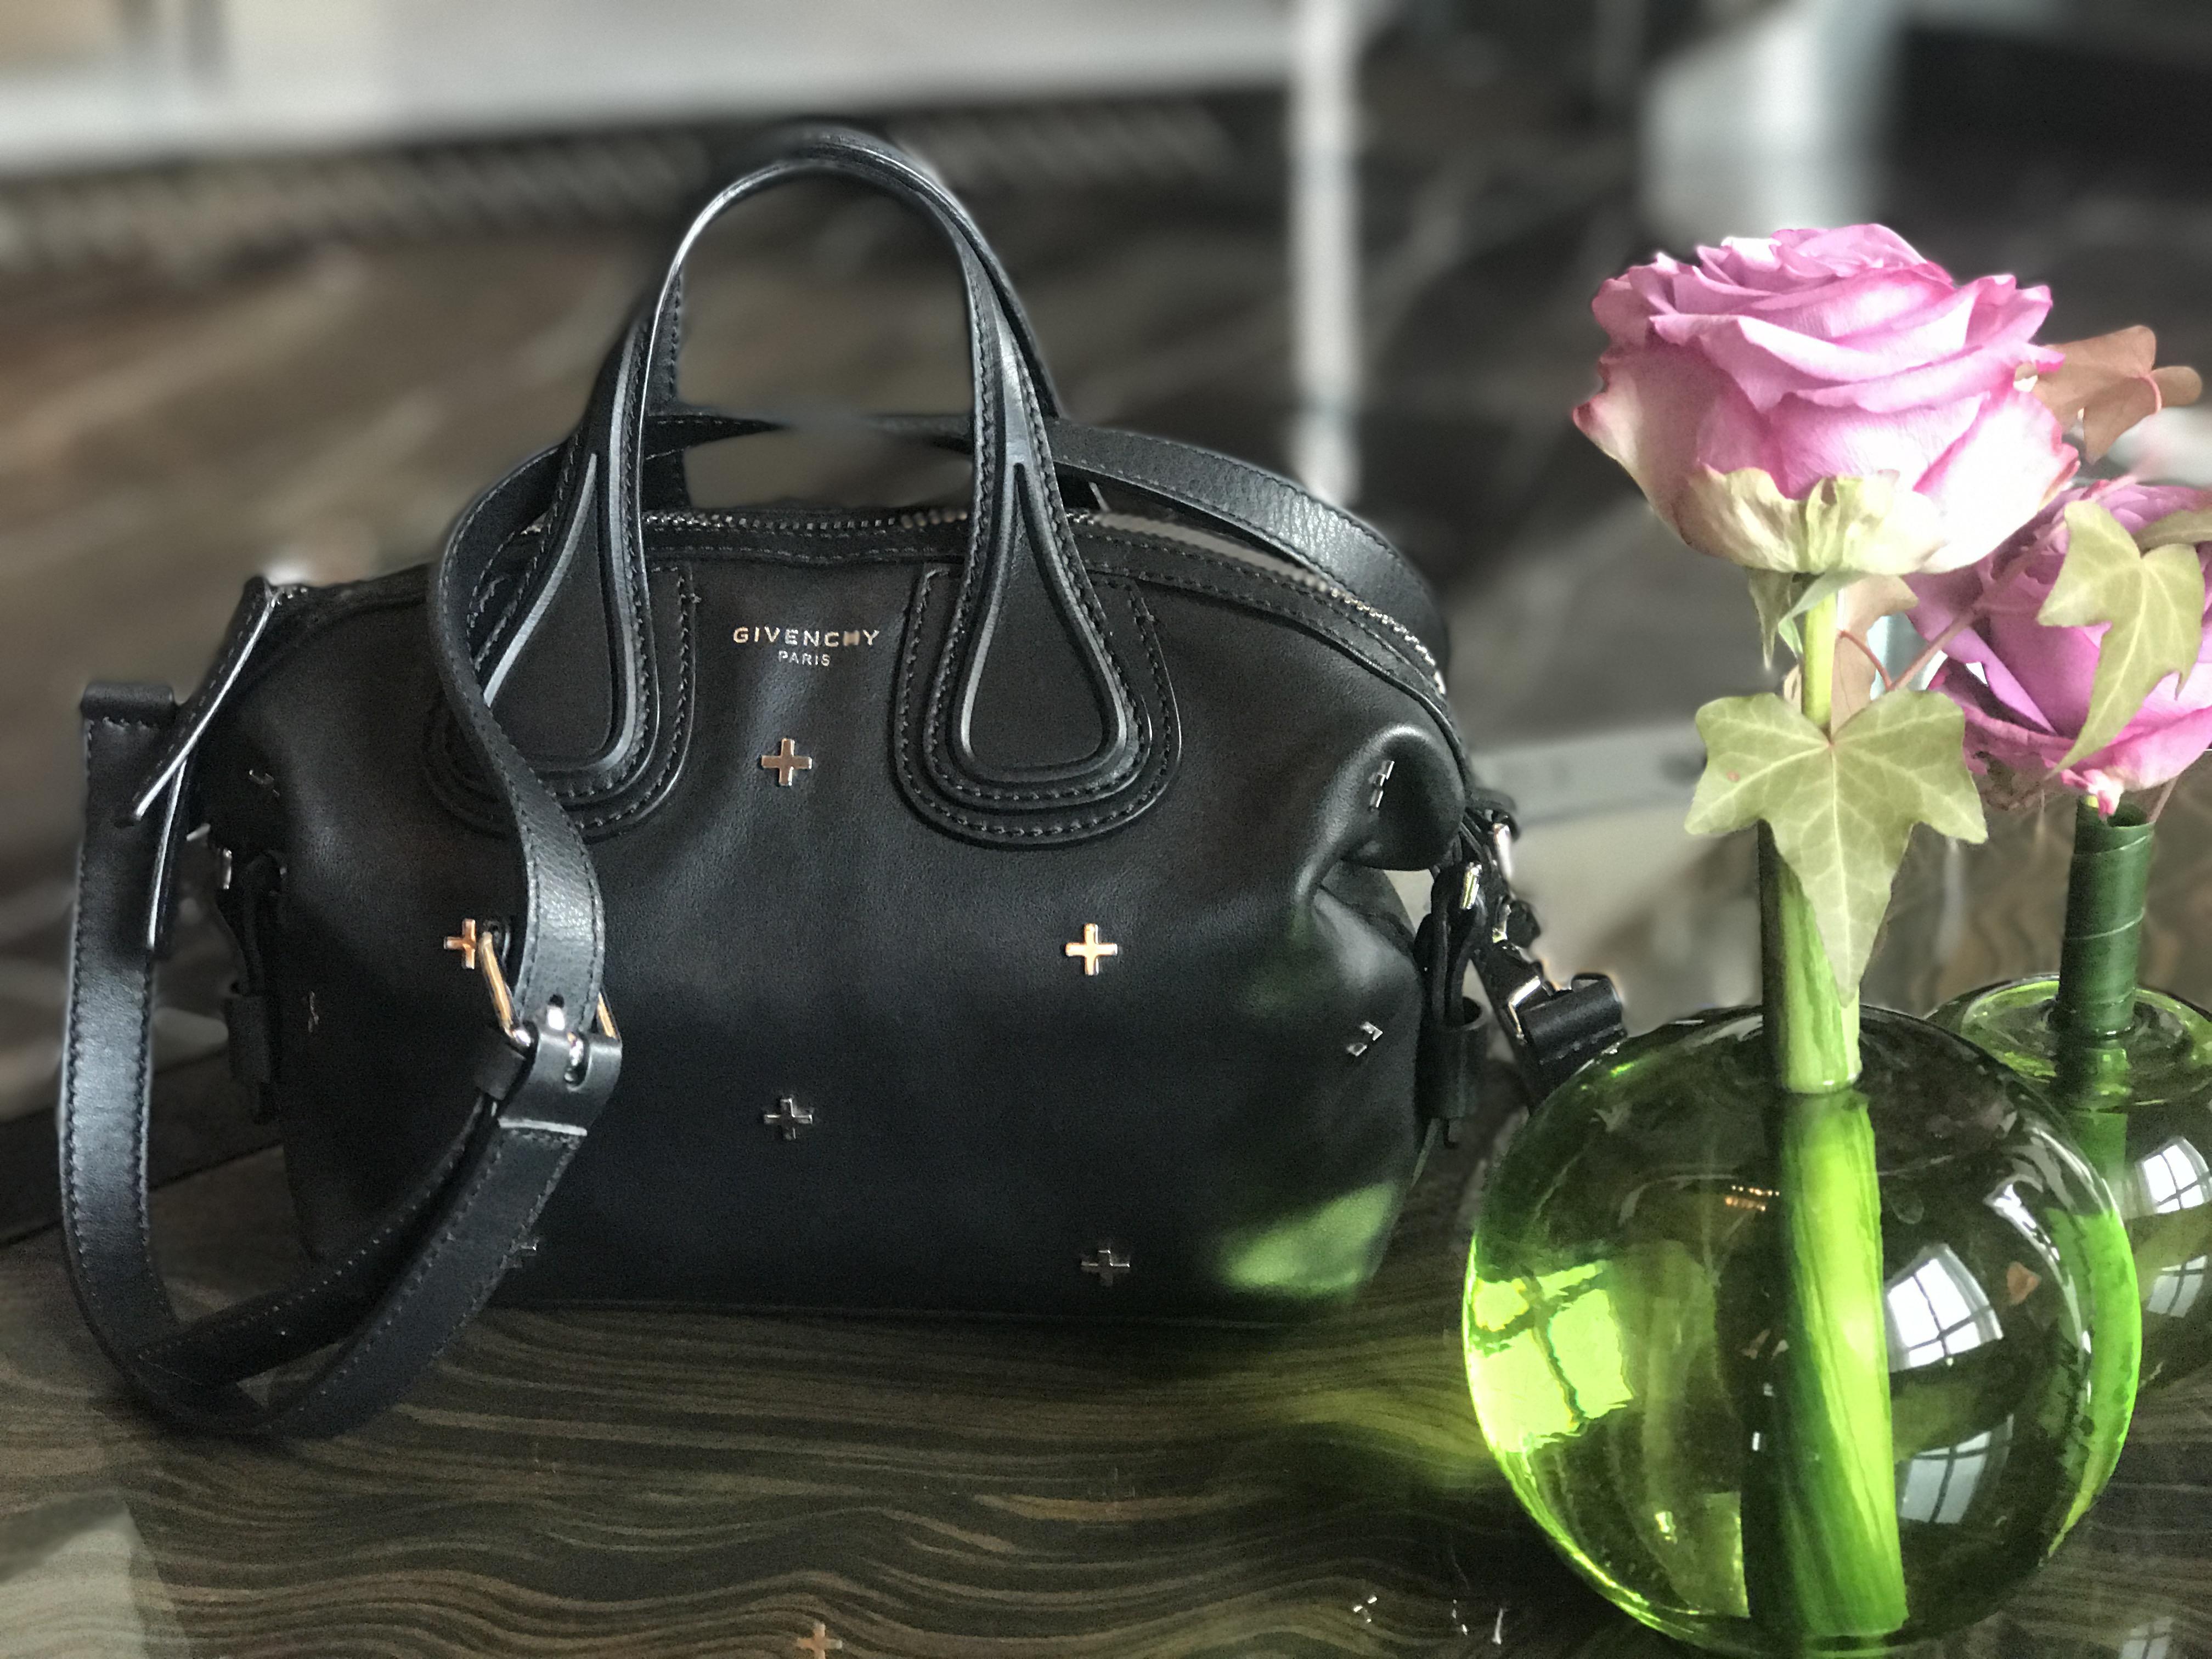 CHANELのbagをお手軽に持てる方法☺︎